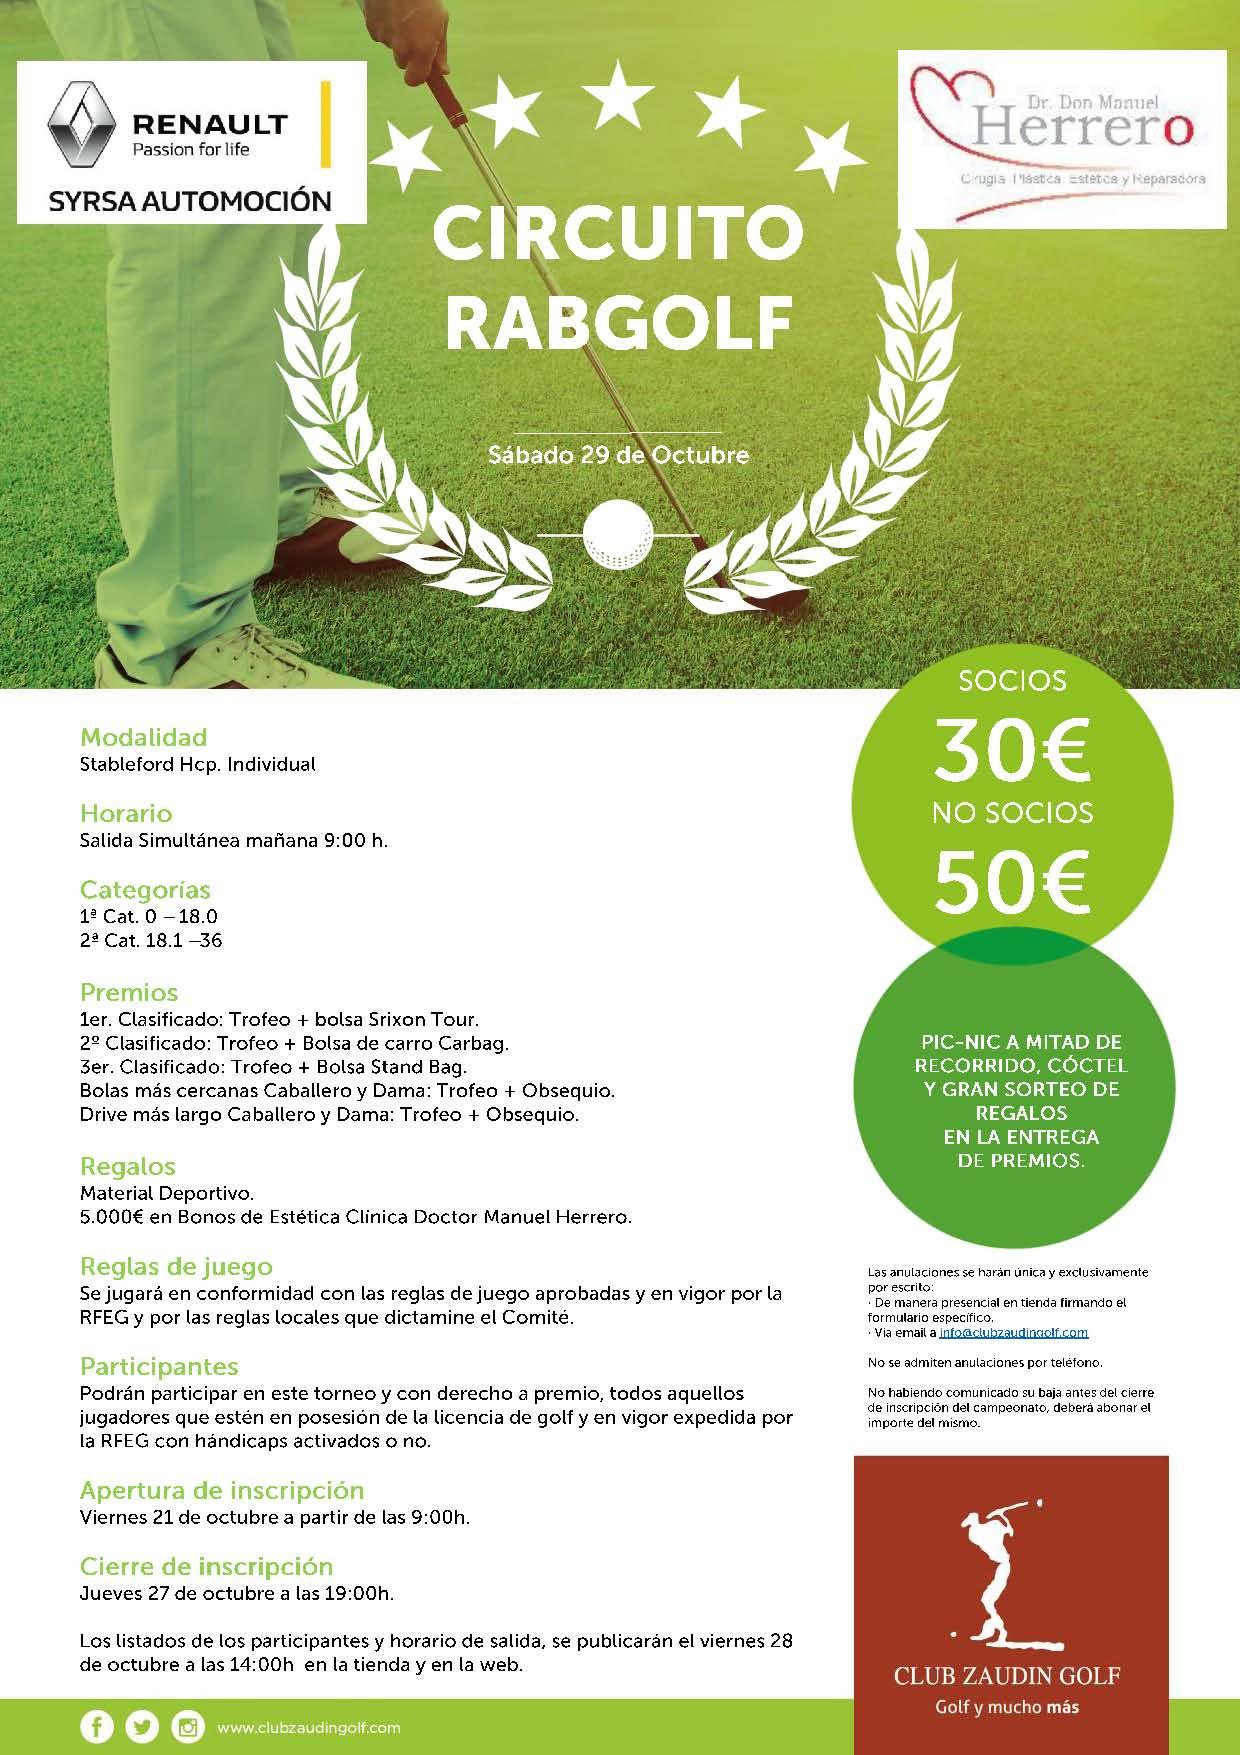 Torneo Rabgolf (clínica Herrero)